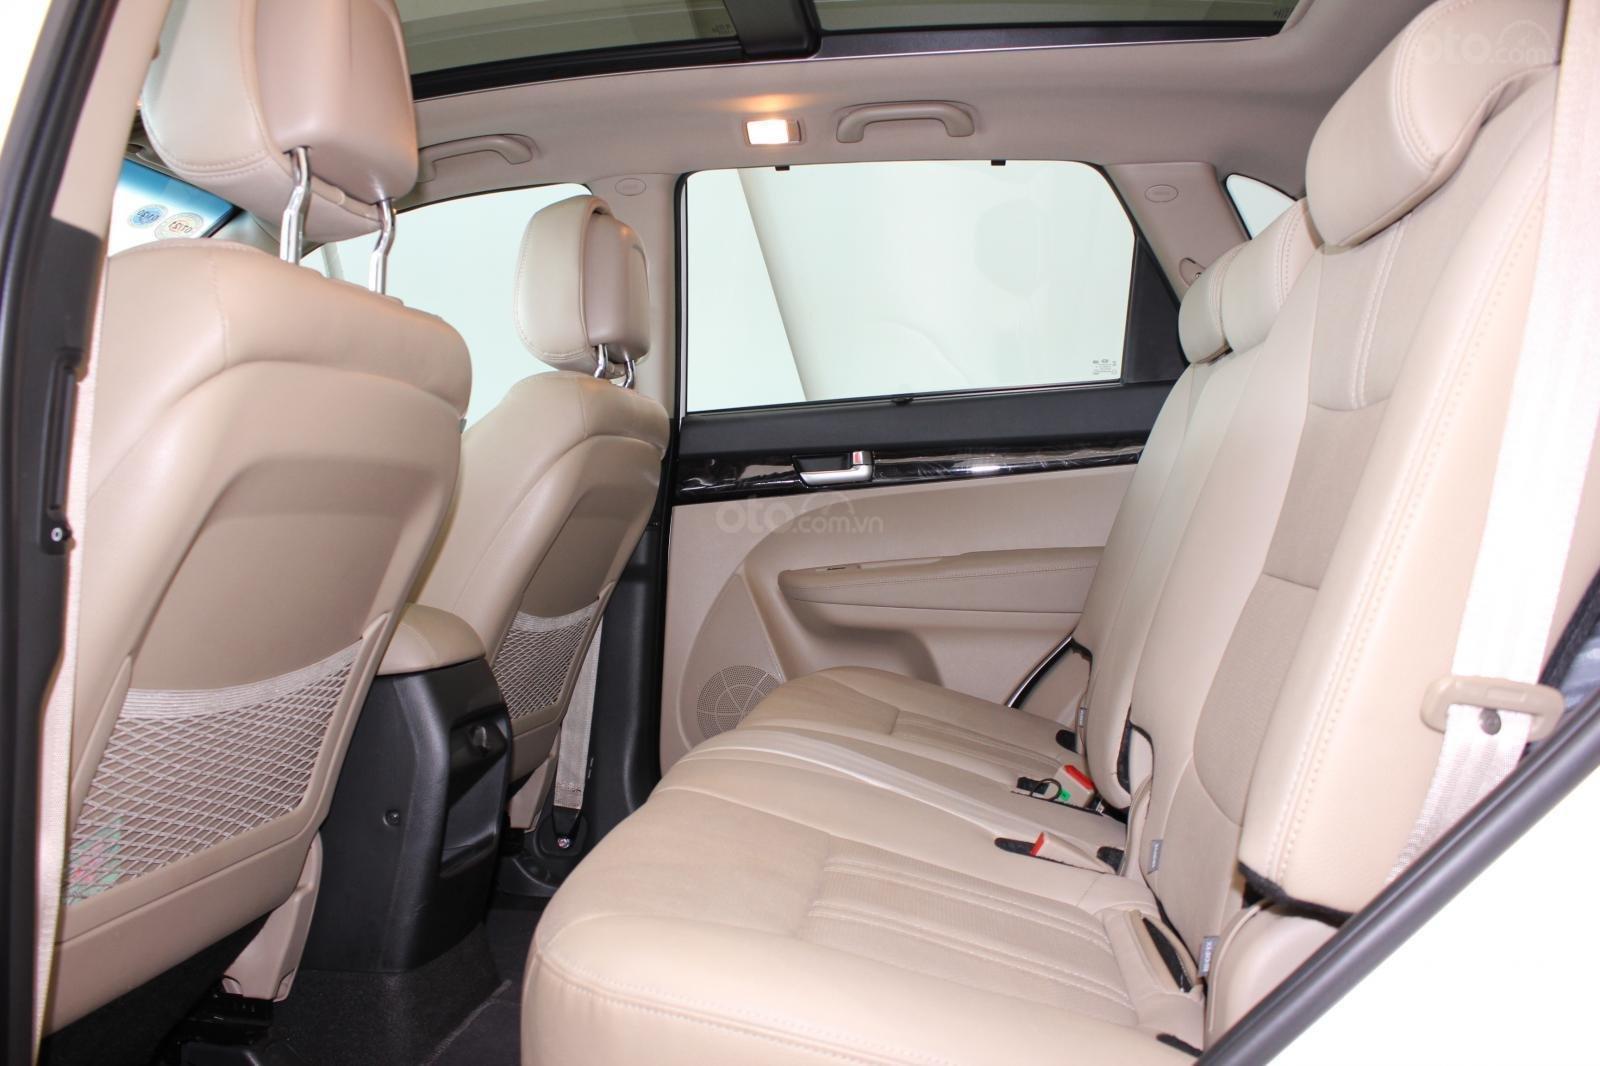 Bán xe Kia Sorento GATH 2.4AT SX 2019, màu trắng, xe đẹp, biển SG 9 nút, giá TL (9)